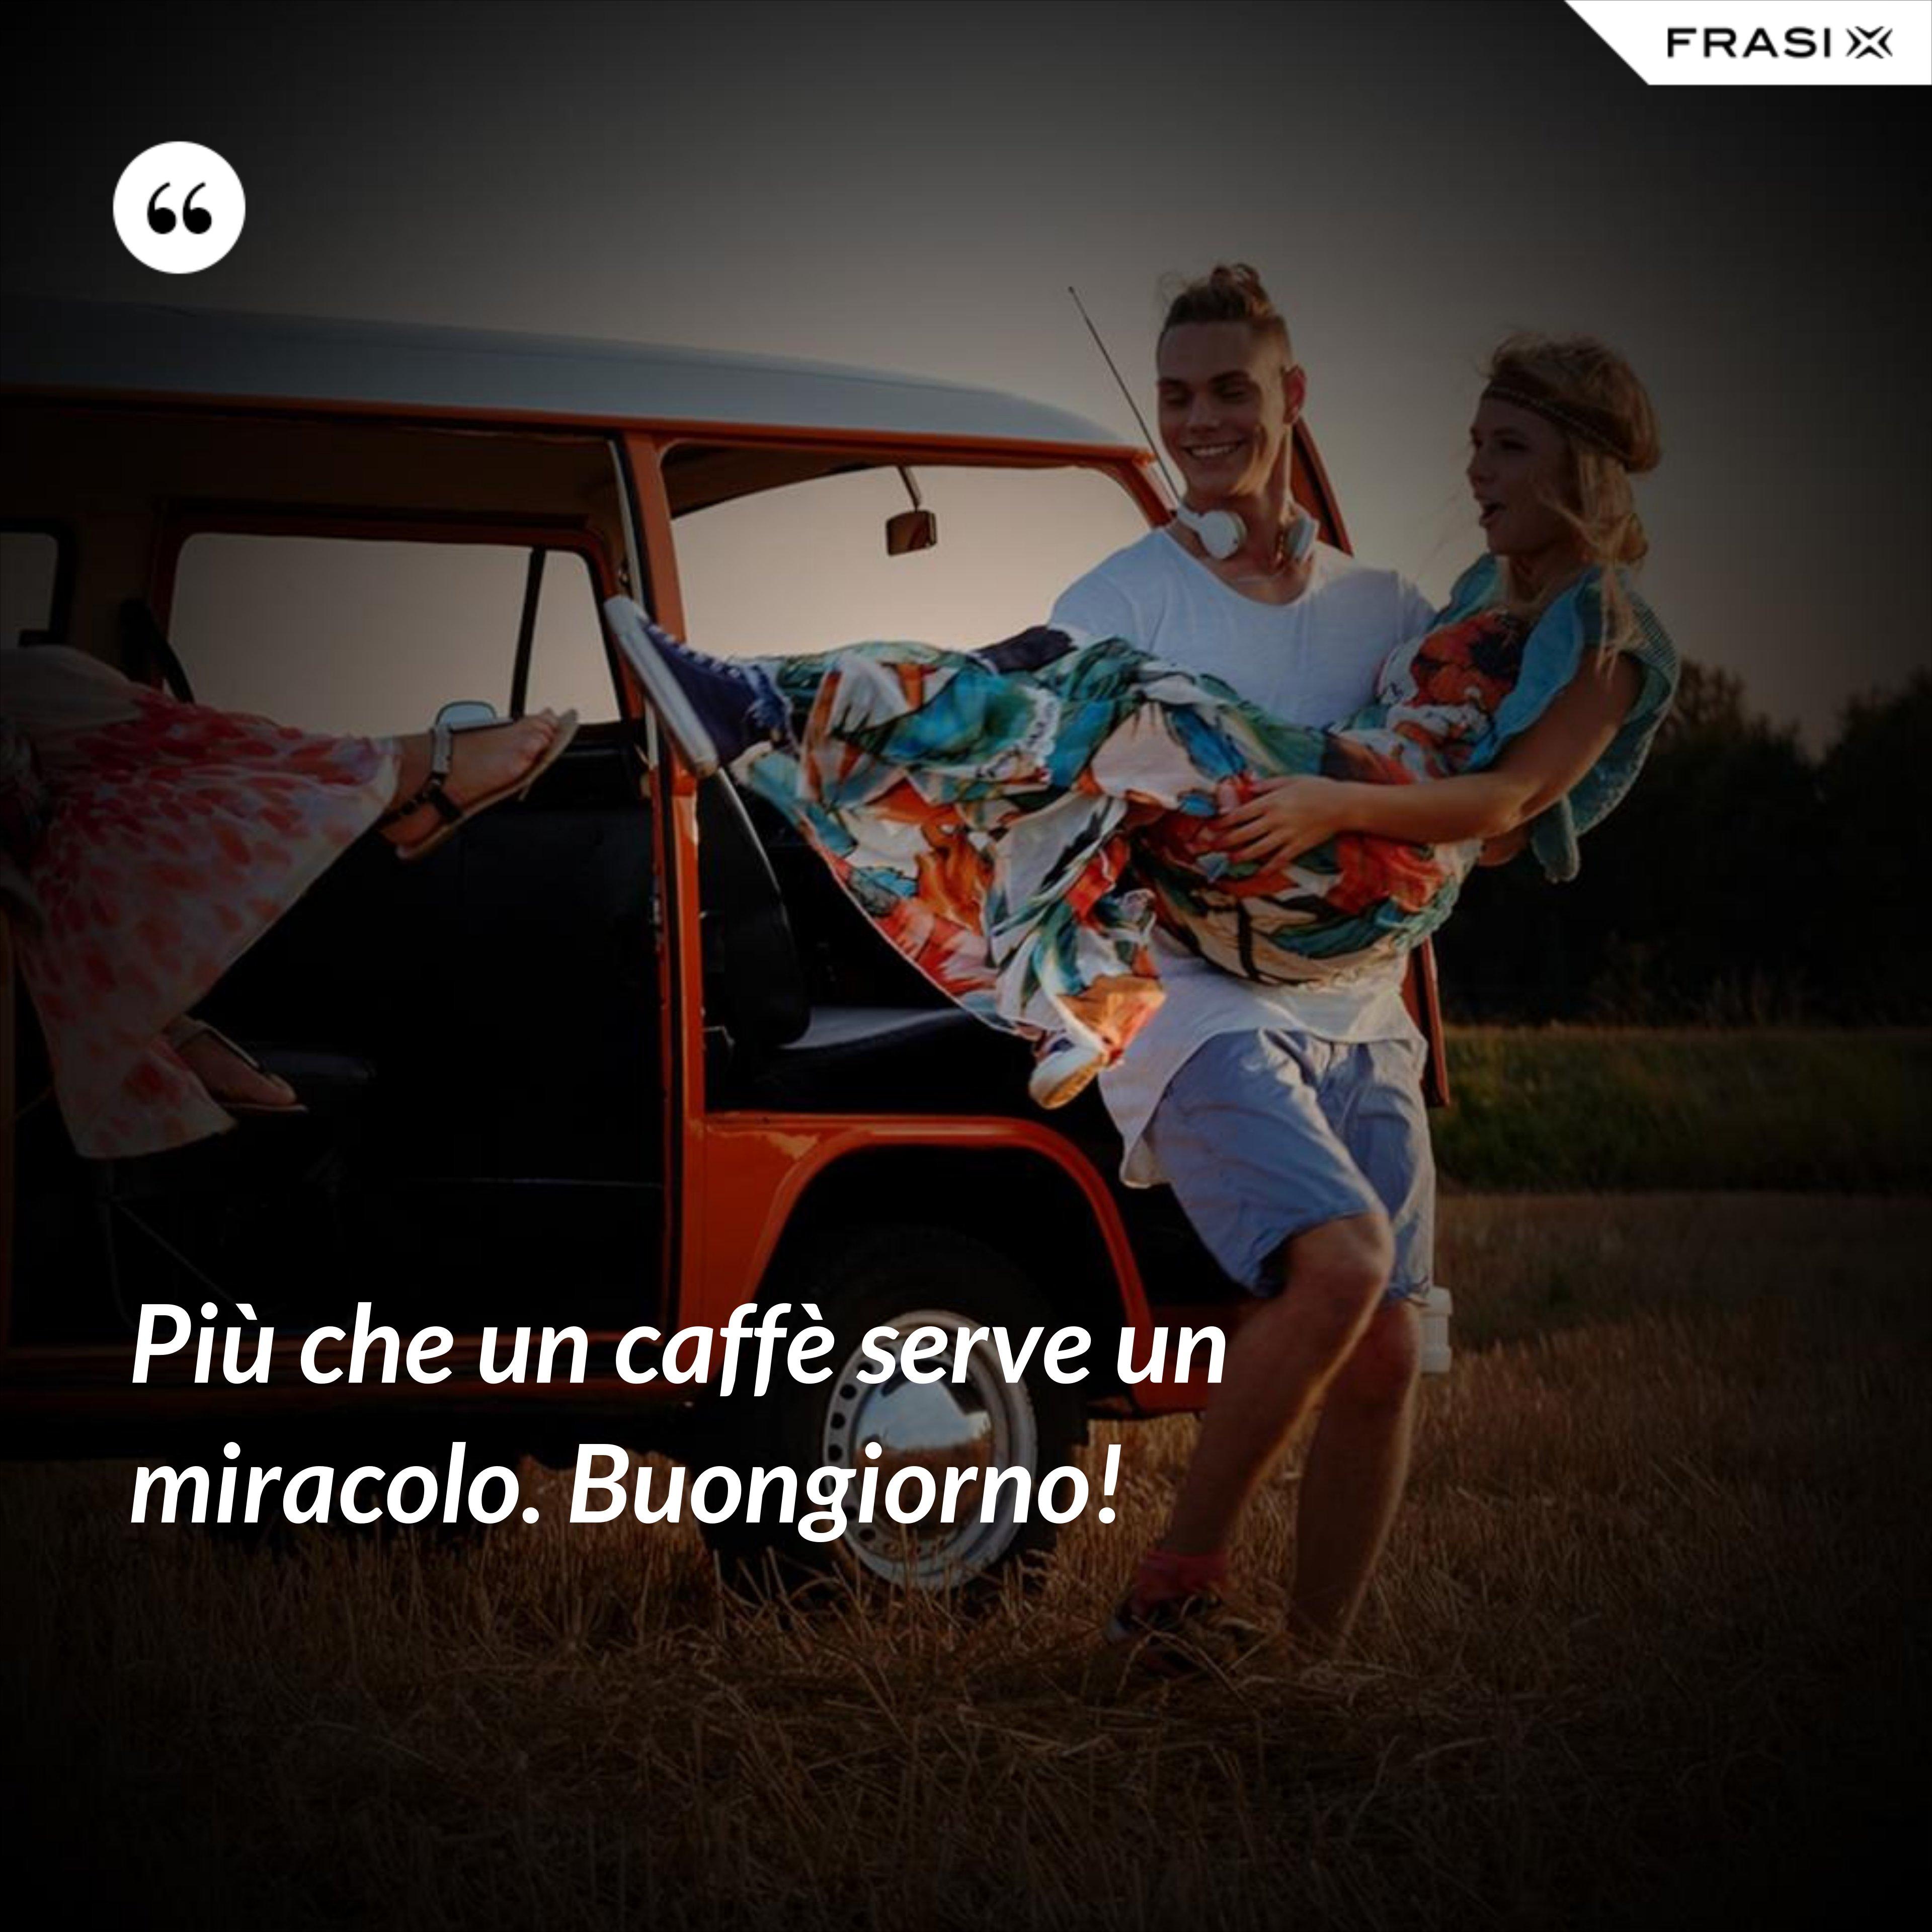 Più che un caffè serve un miracolo. Buongiorno! - Anonimo